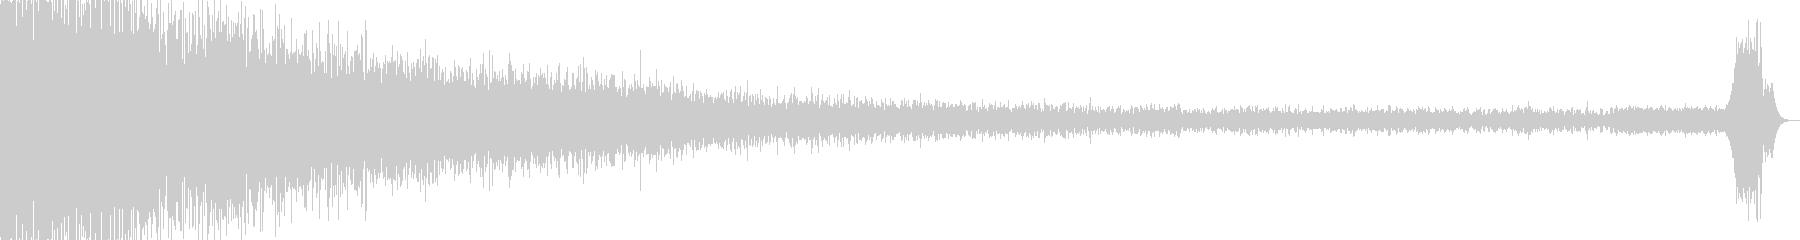 【電子音】 SF デジタルFX 17の未再生の波形